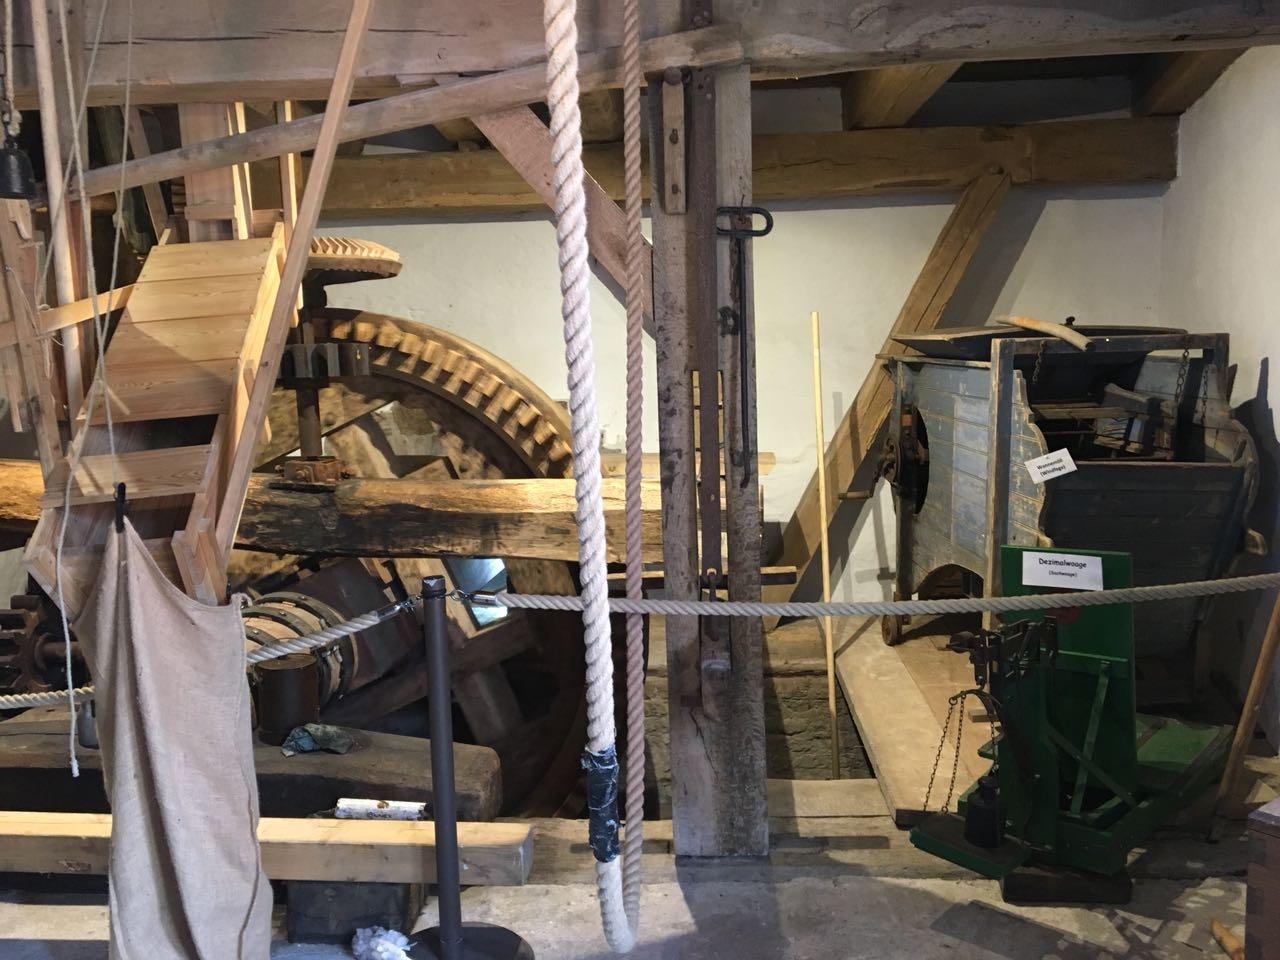 Unter anderem gab es einen Einblick in das Innenleben der restaurierten Gartroper Wassermühle.